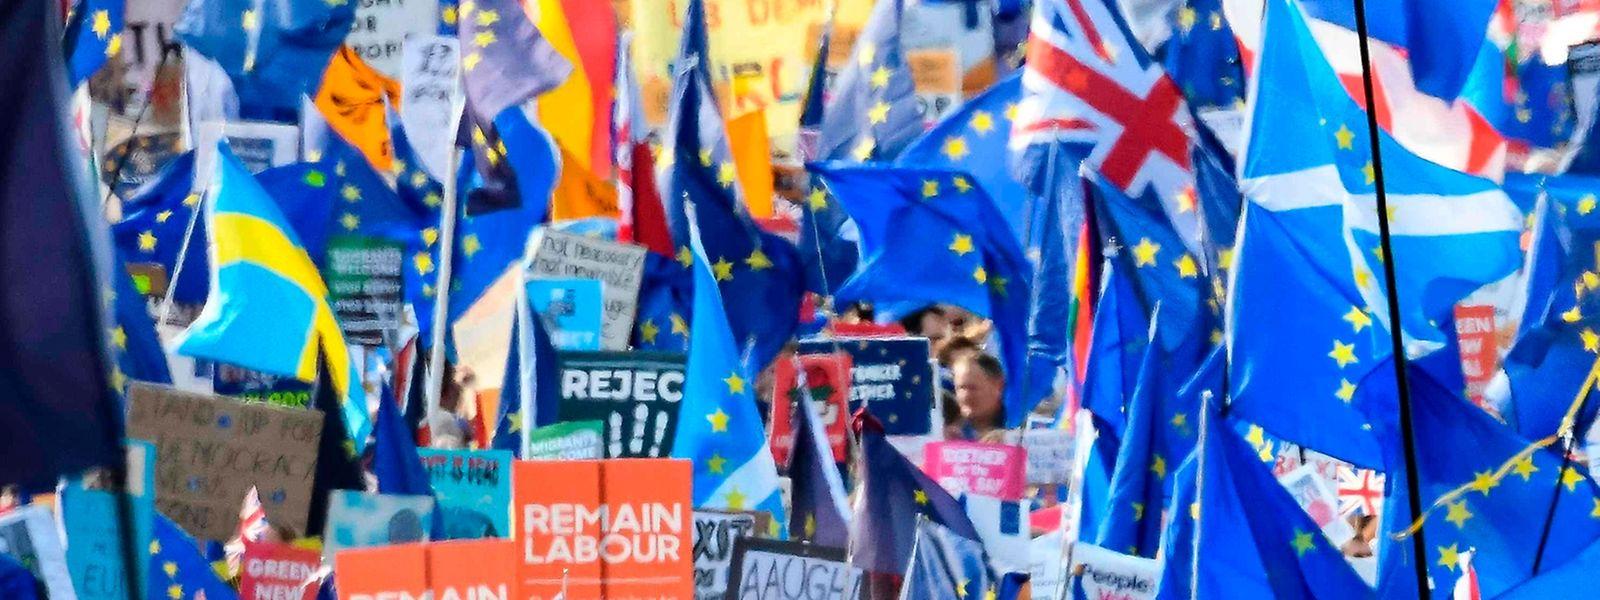 Tausende protestierten am Samstag in der britischen Hauptstadt gegen den Brexit.